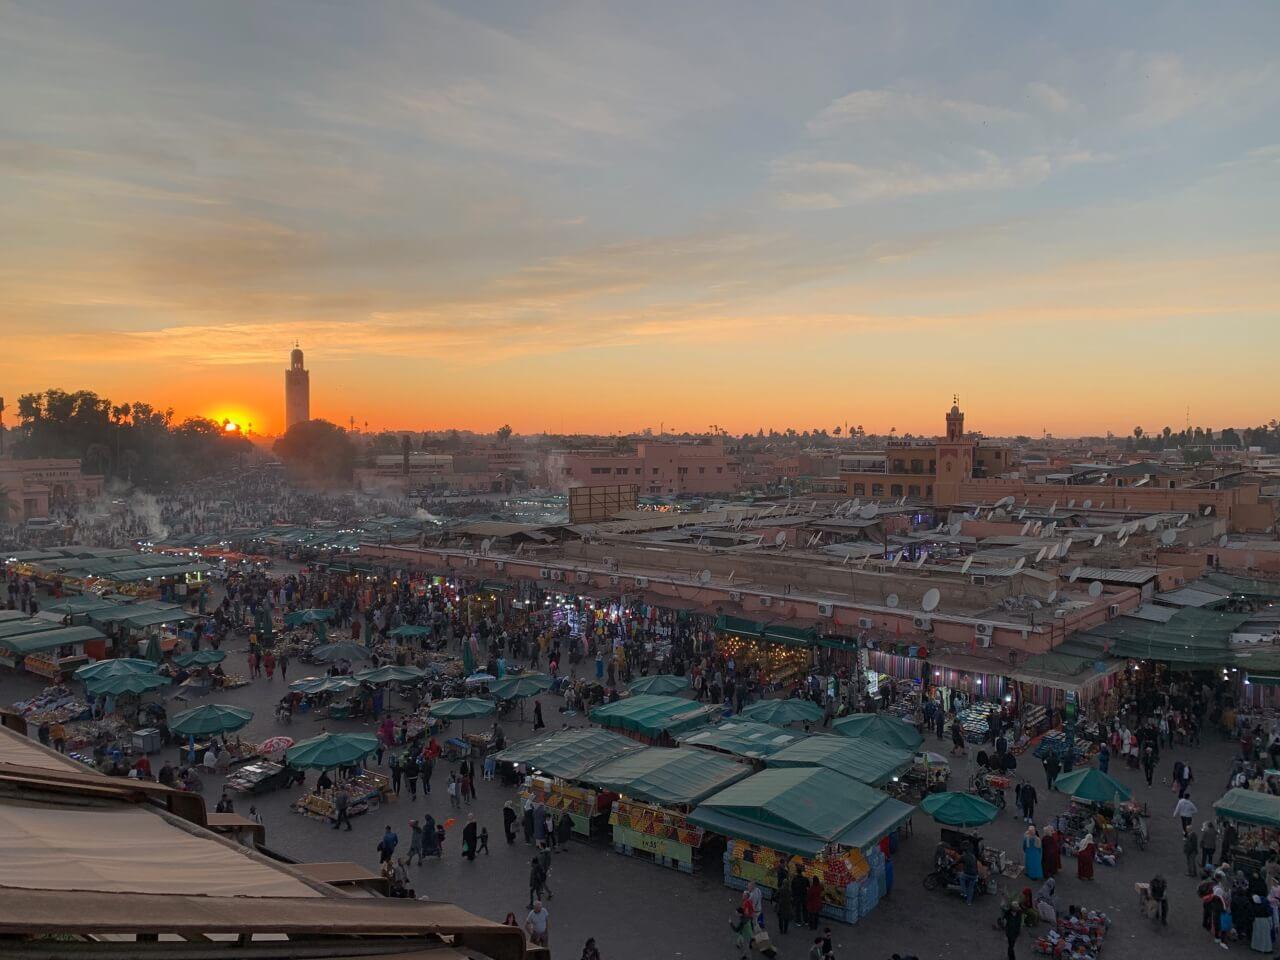 Citytrip de 4 jours à Marrakech -  Place Jemâa El Fna